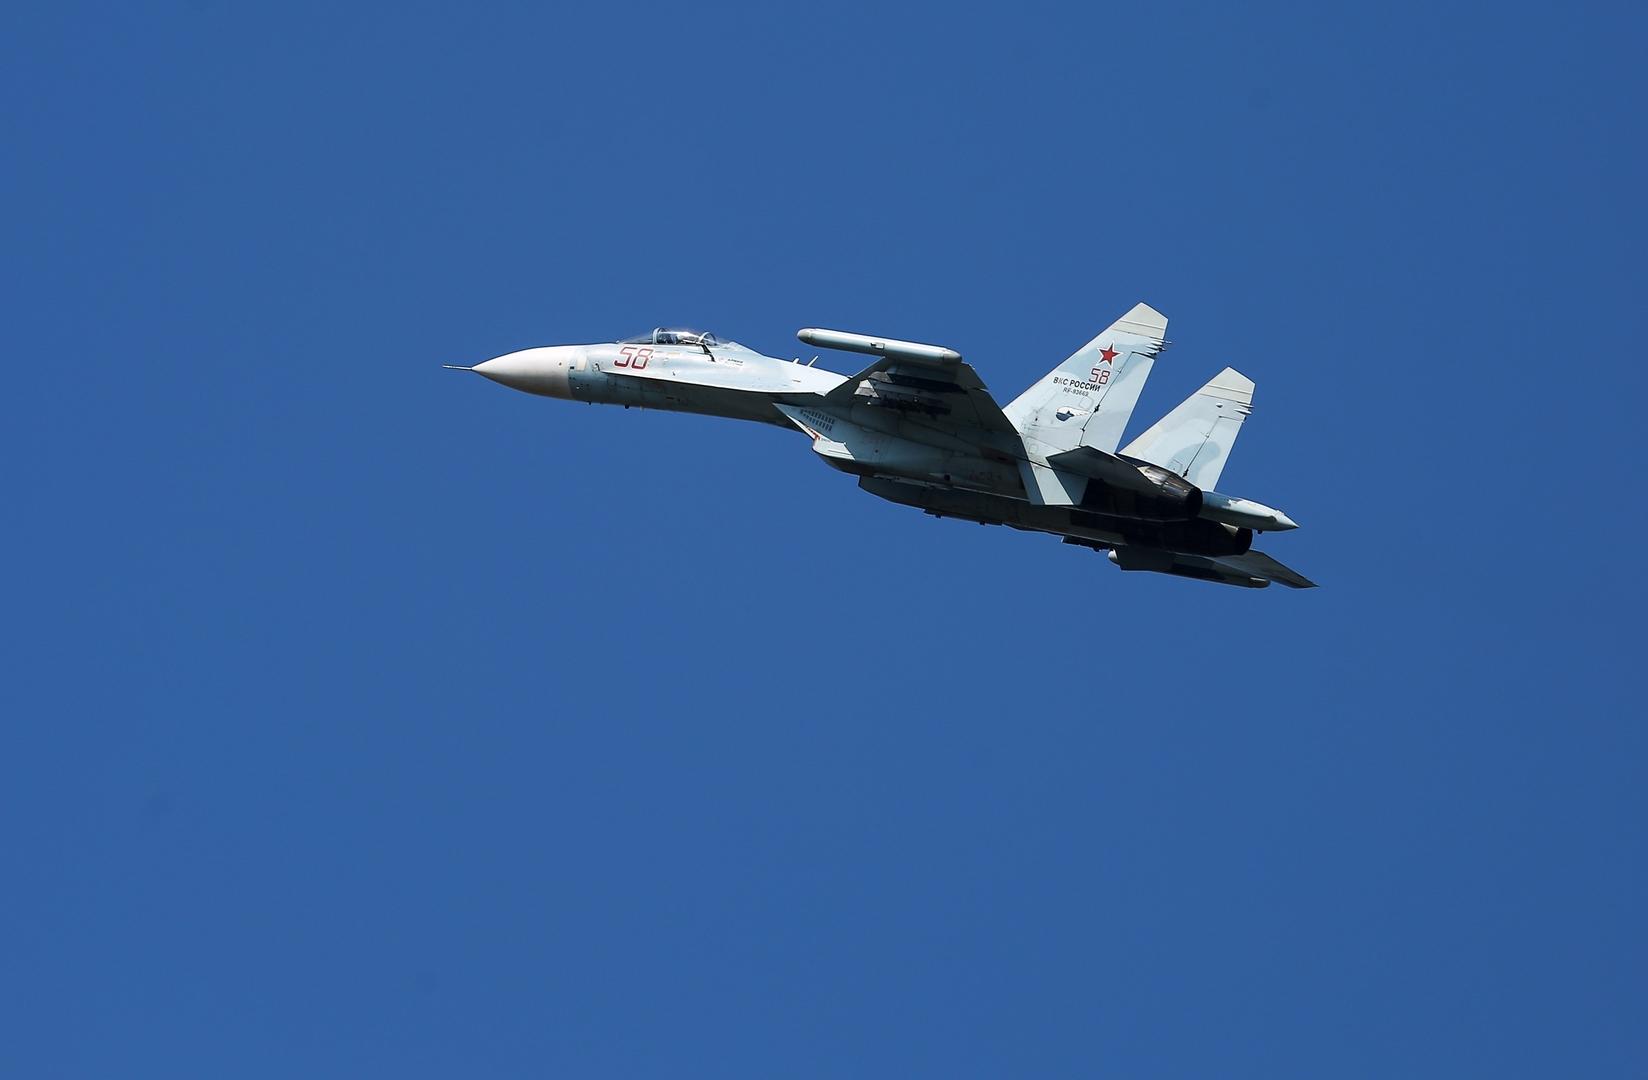 مقاتلة روسية ترافق طائرة استطلاع فرنسية فوق بحر البلطيق